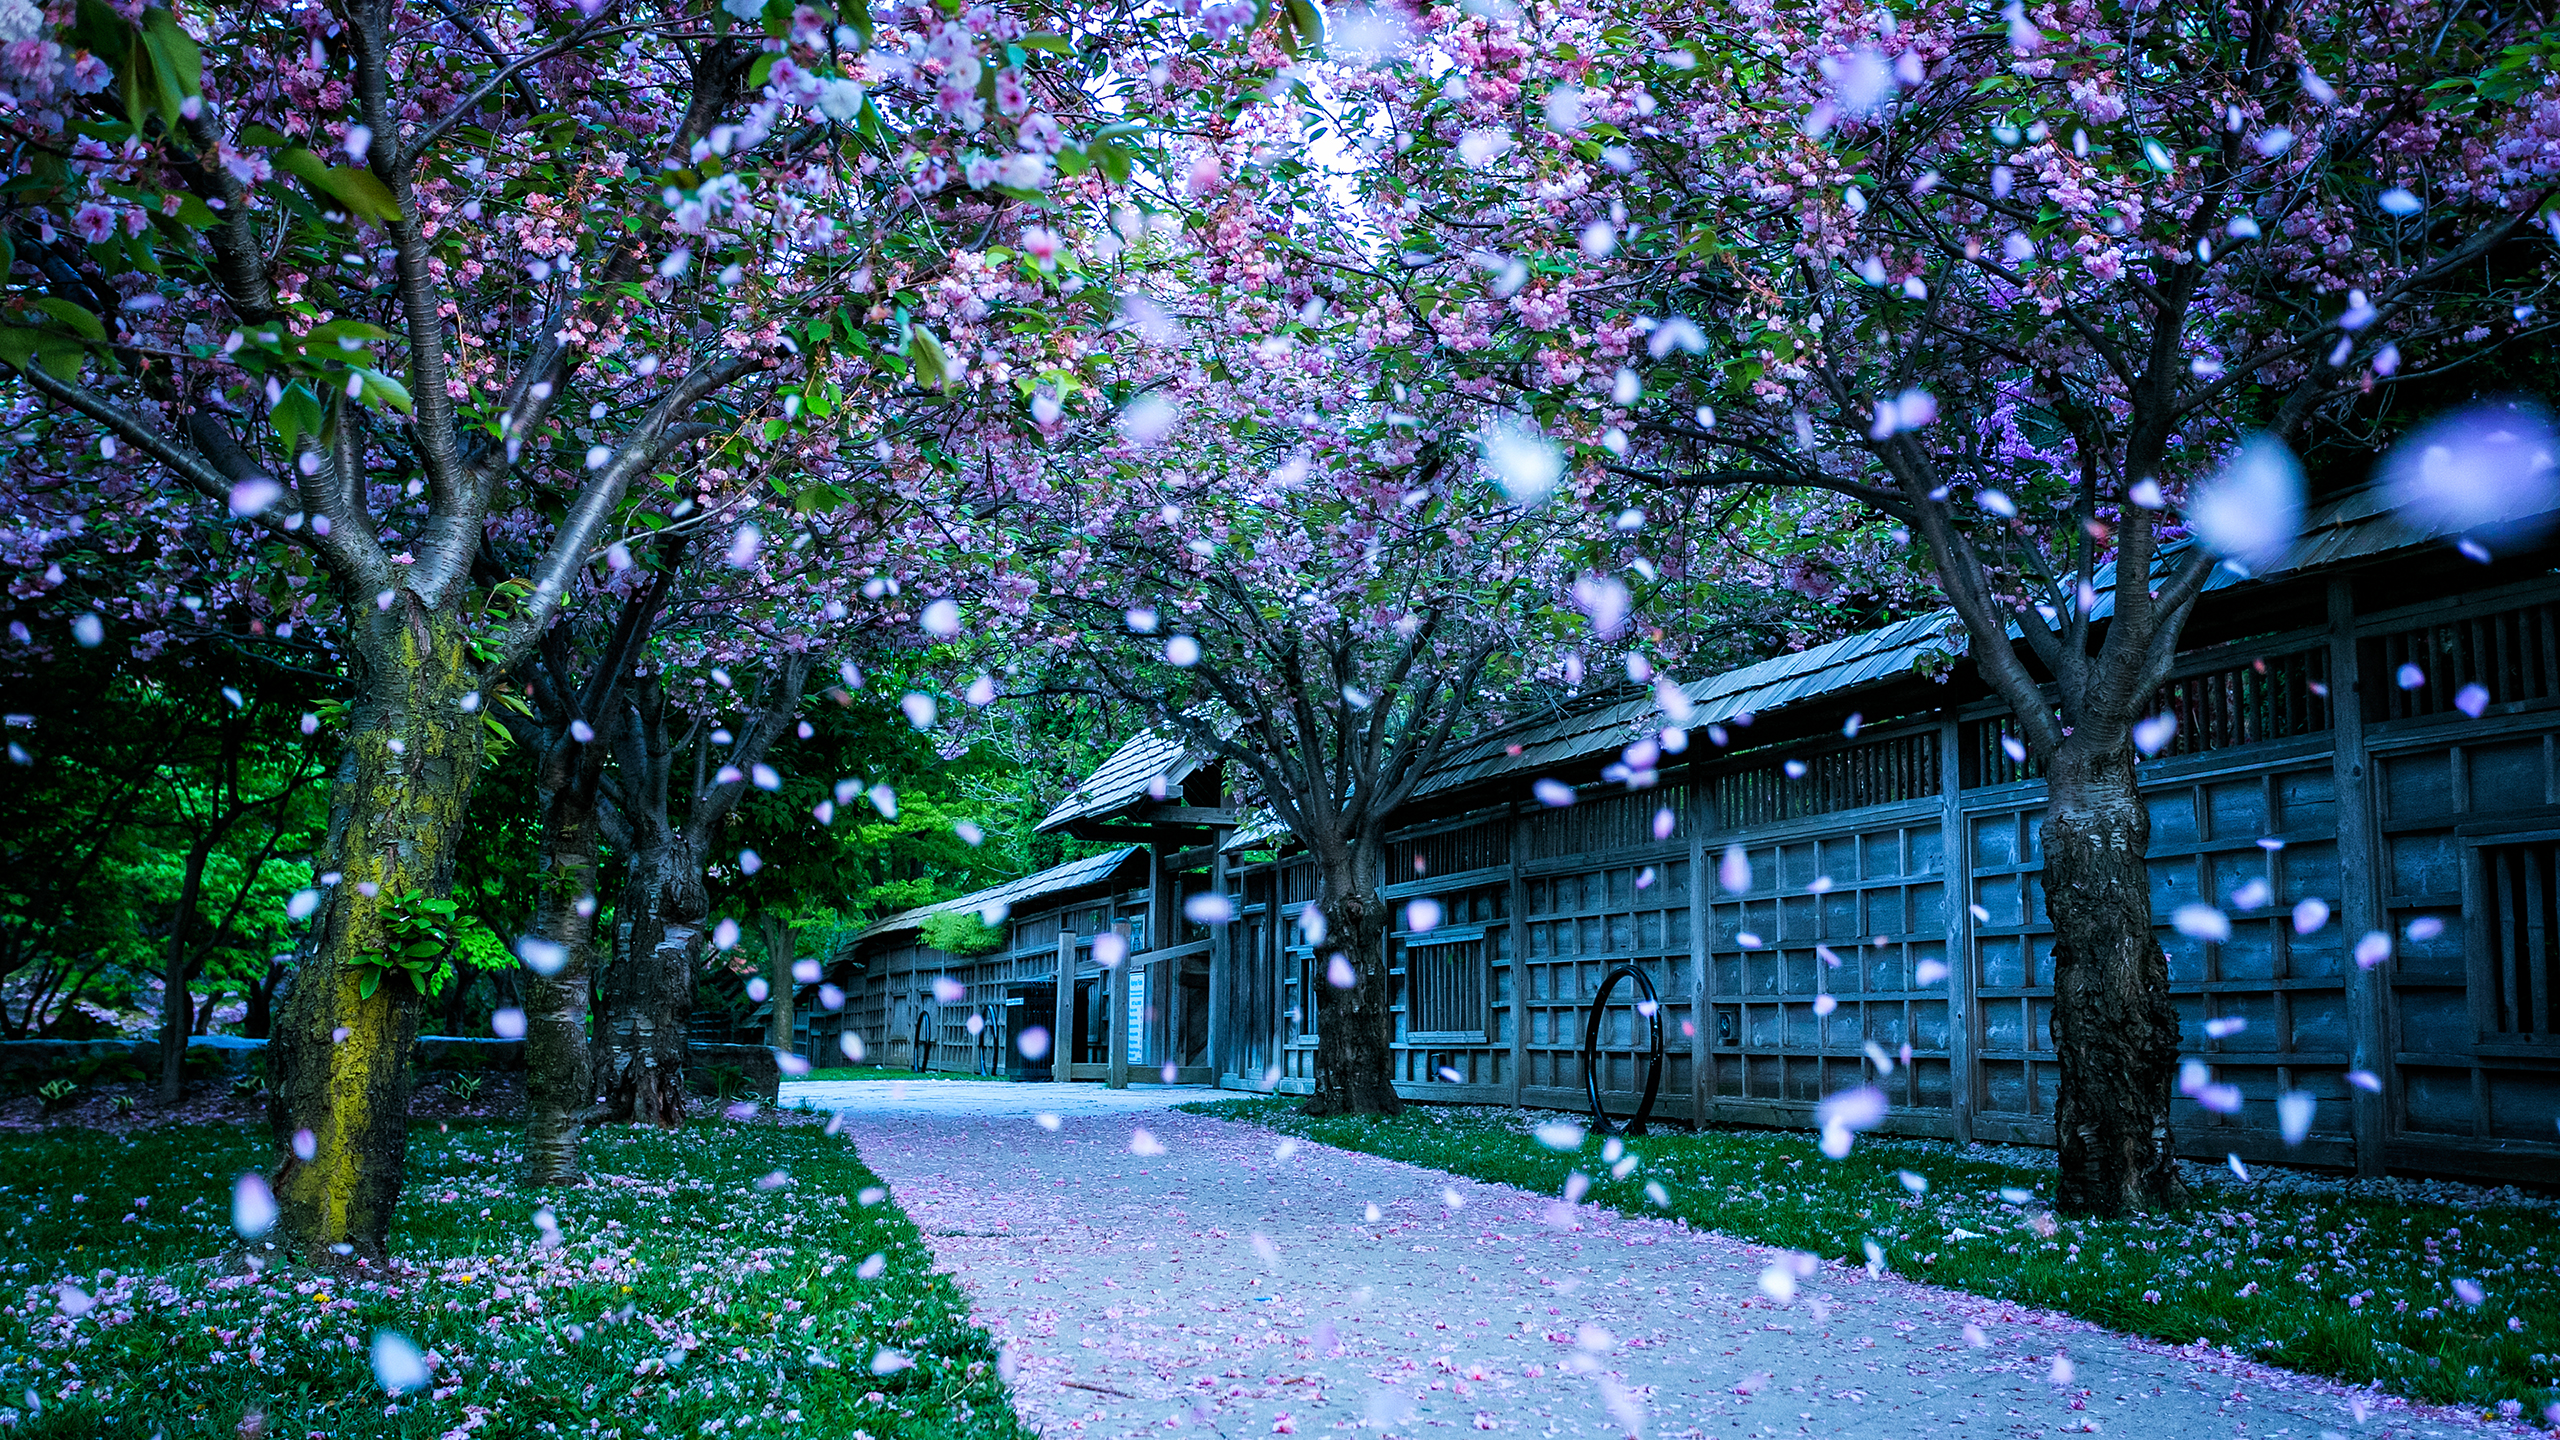 kariya_park_2560x1440